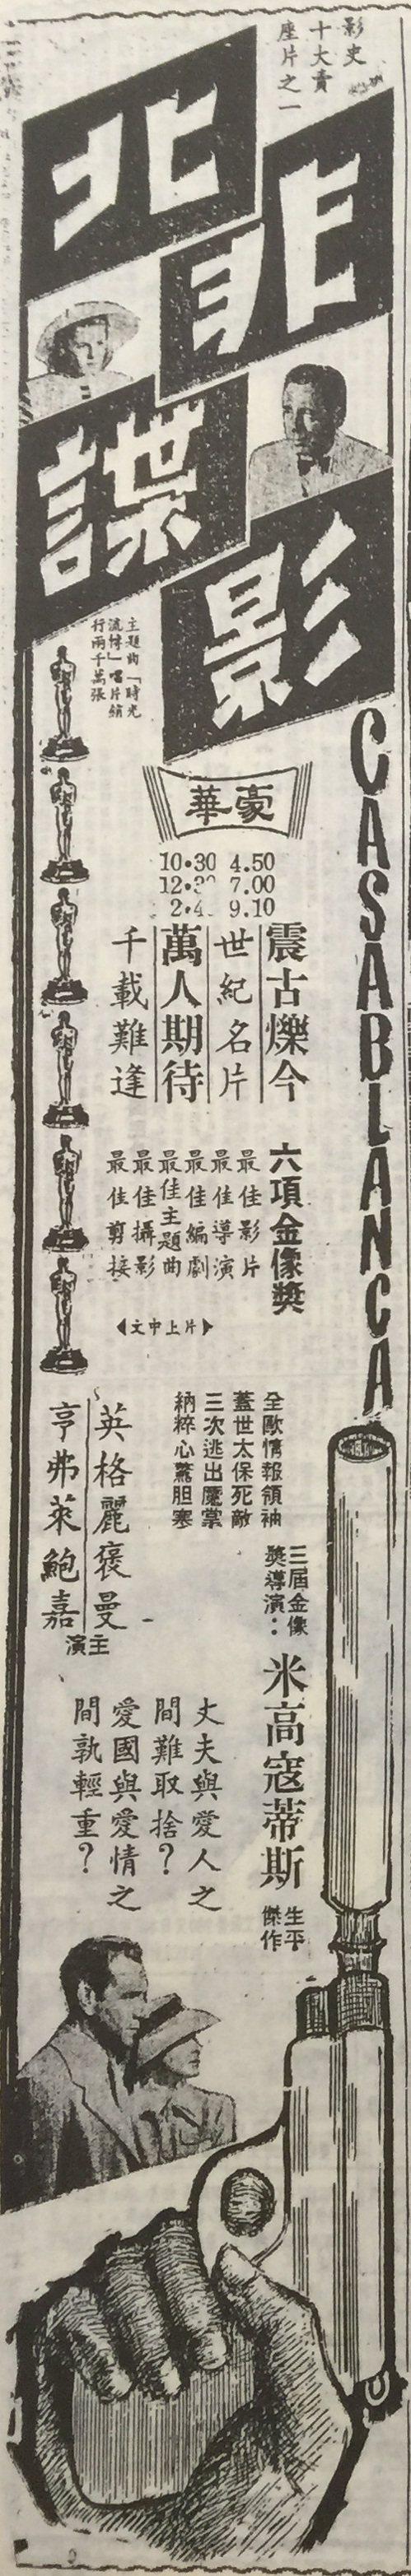 圖/翻攝自民國55年自立晚報